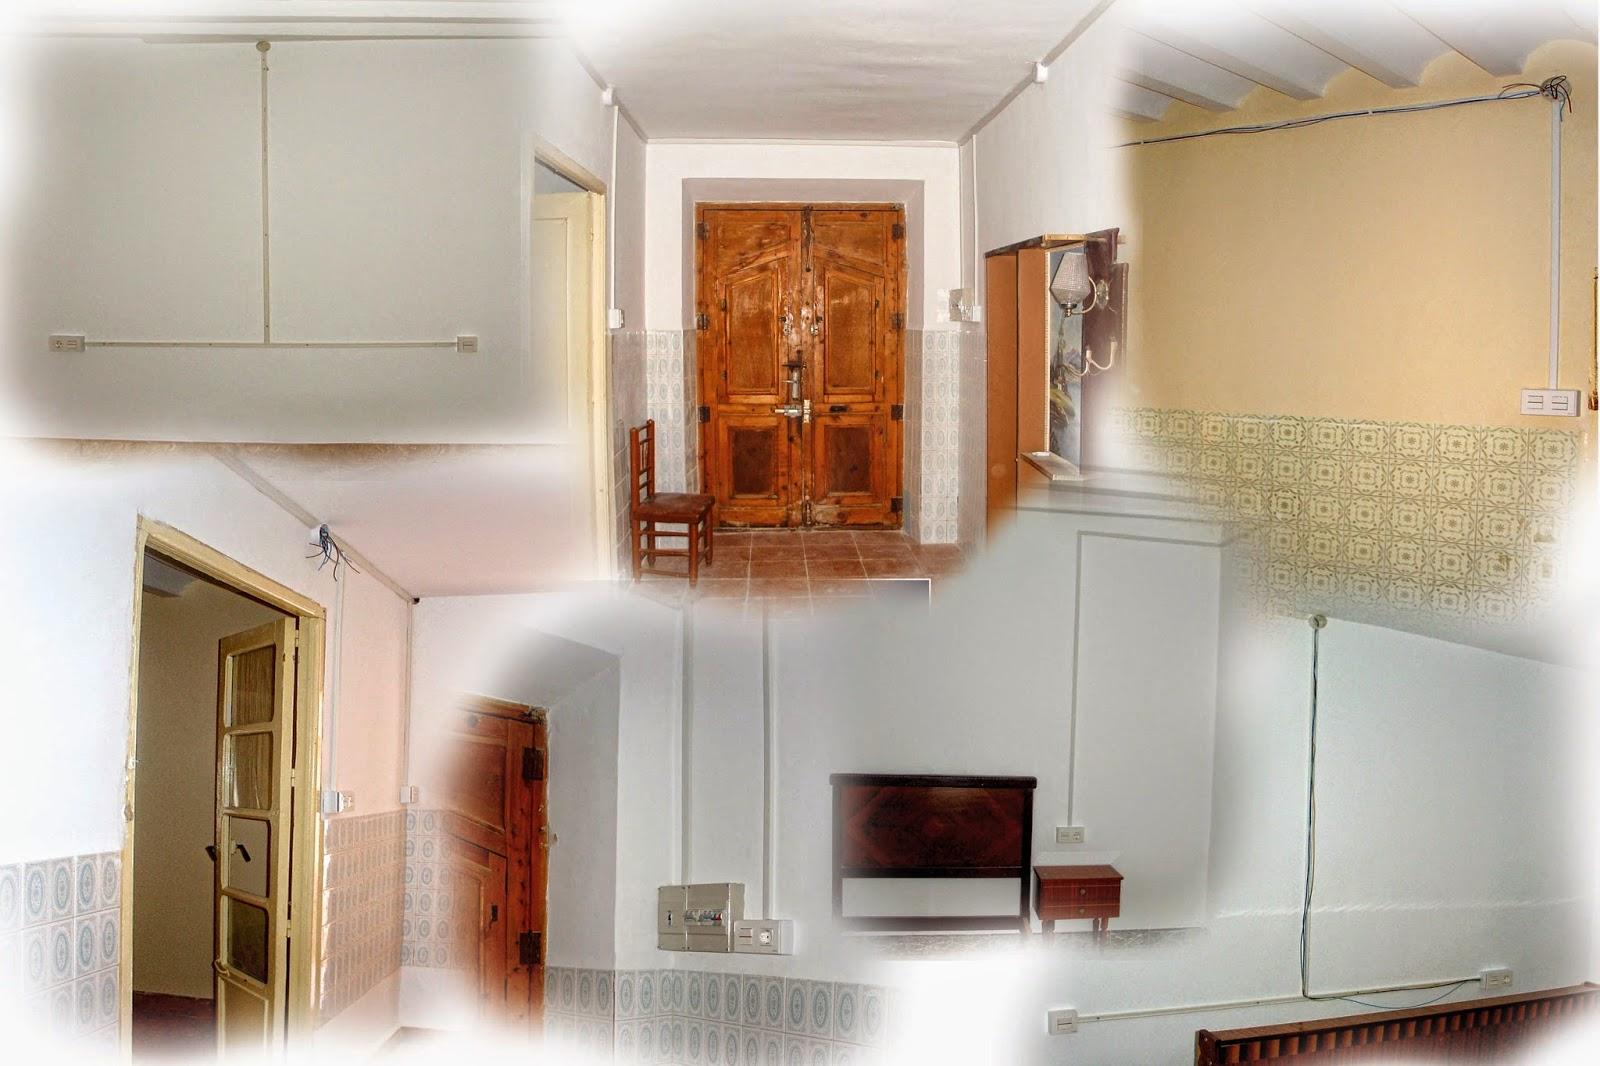 L s electricidad - Instalacion electrica vista ...